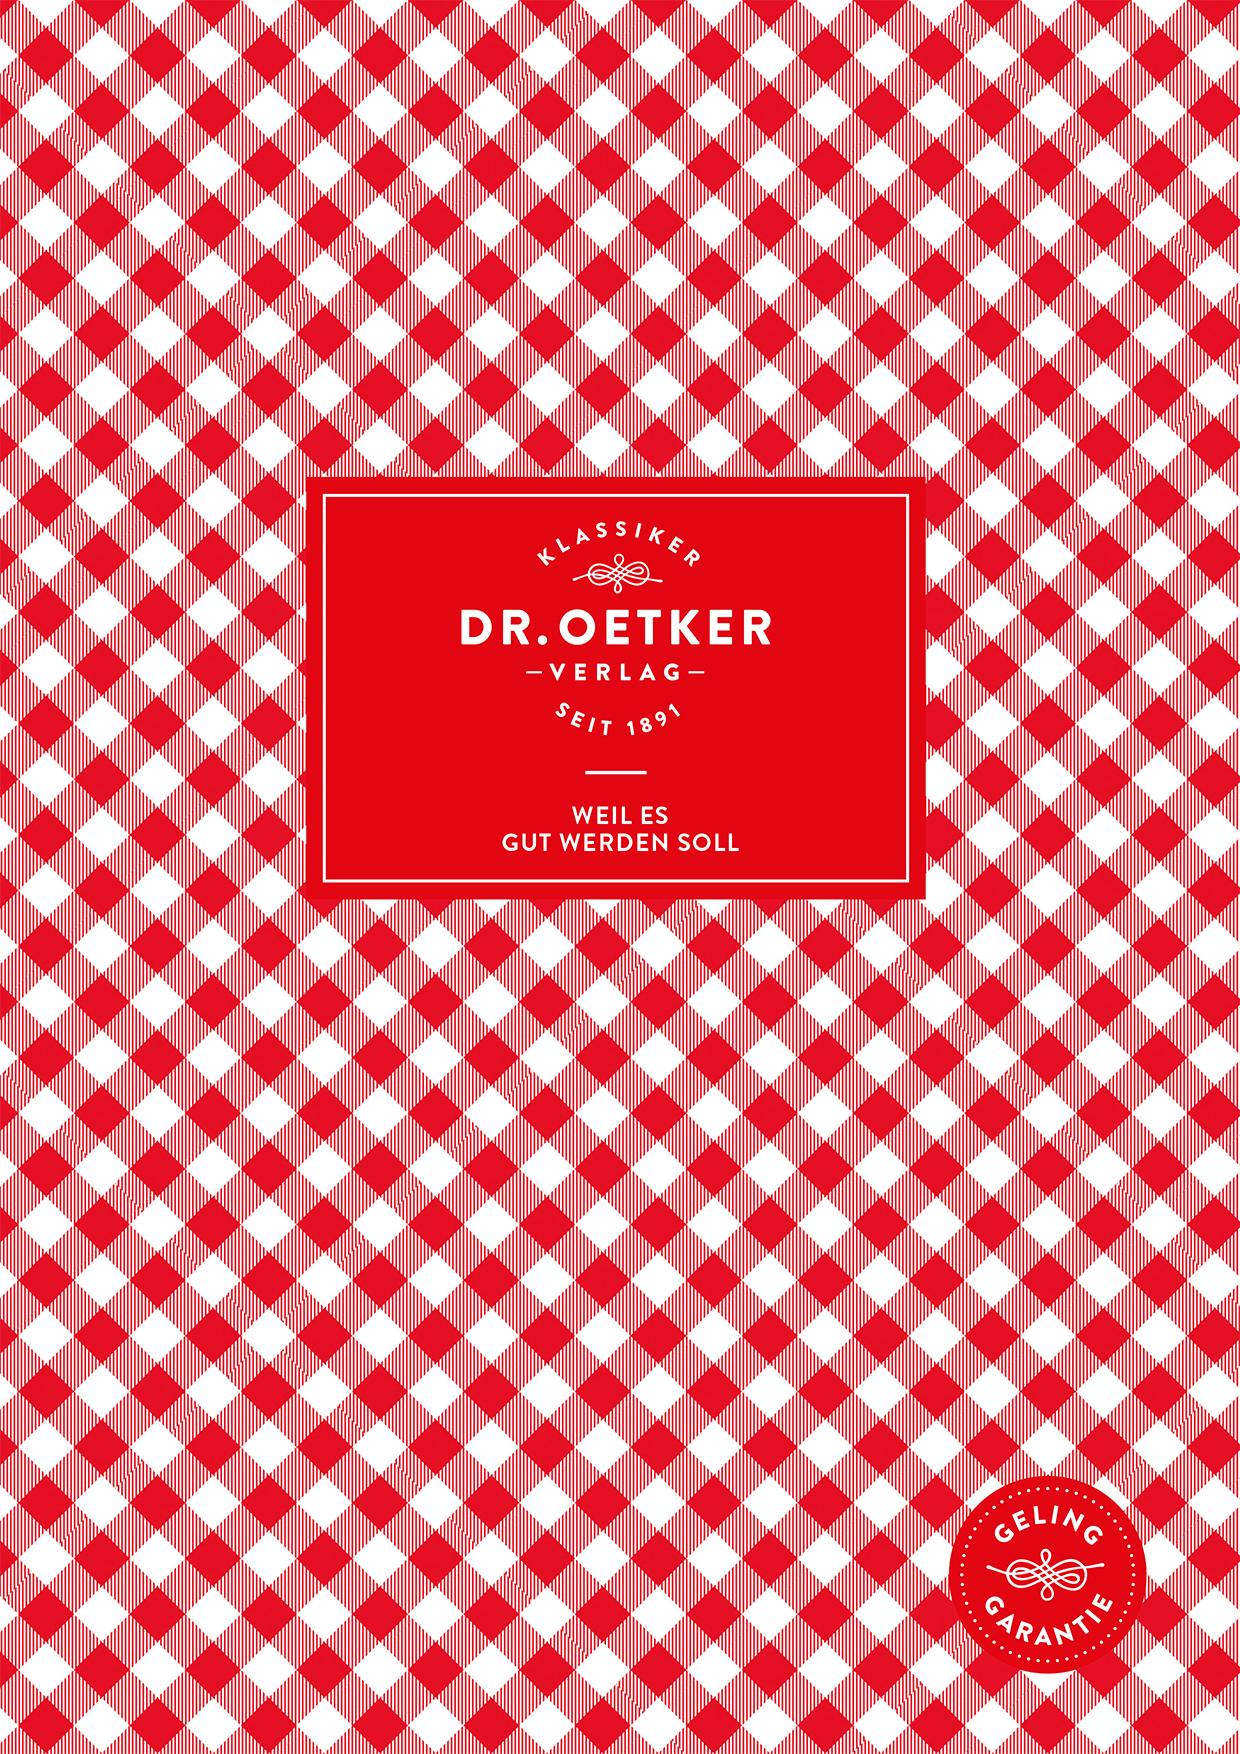 Dr. Oetker Verlag Frühjahr 2019